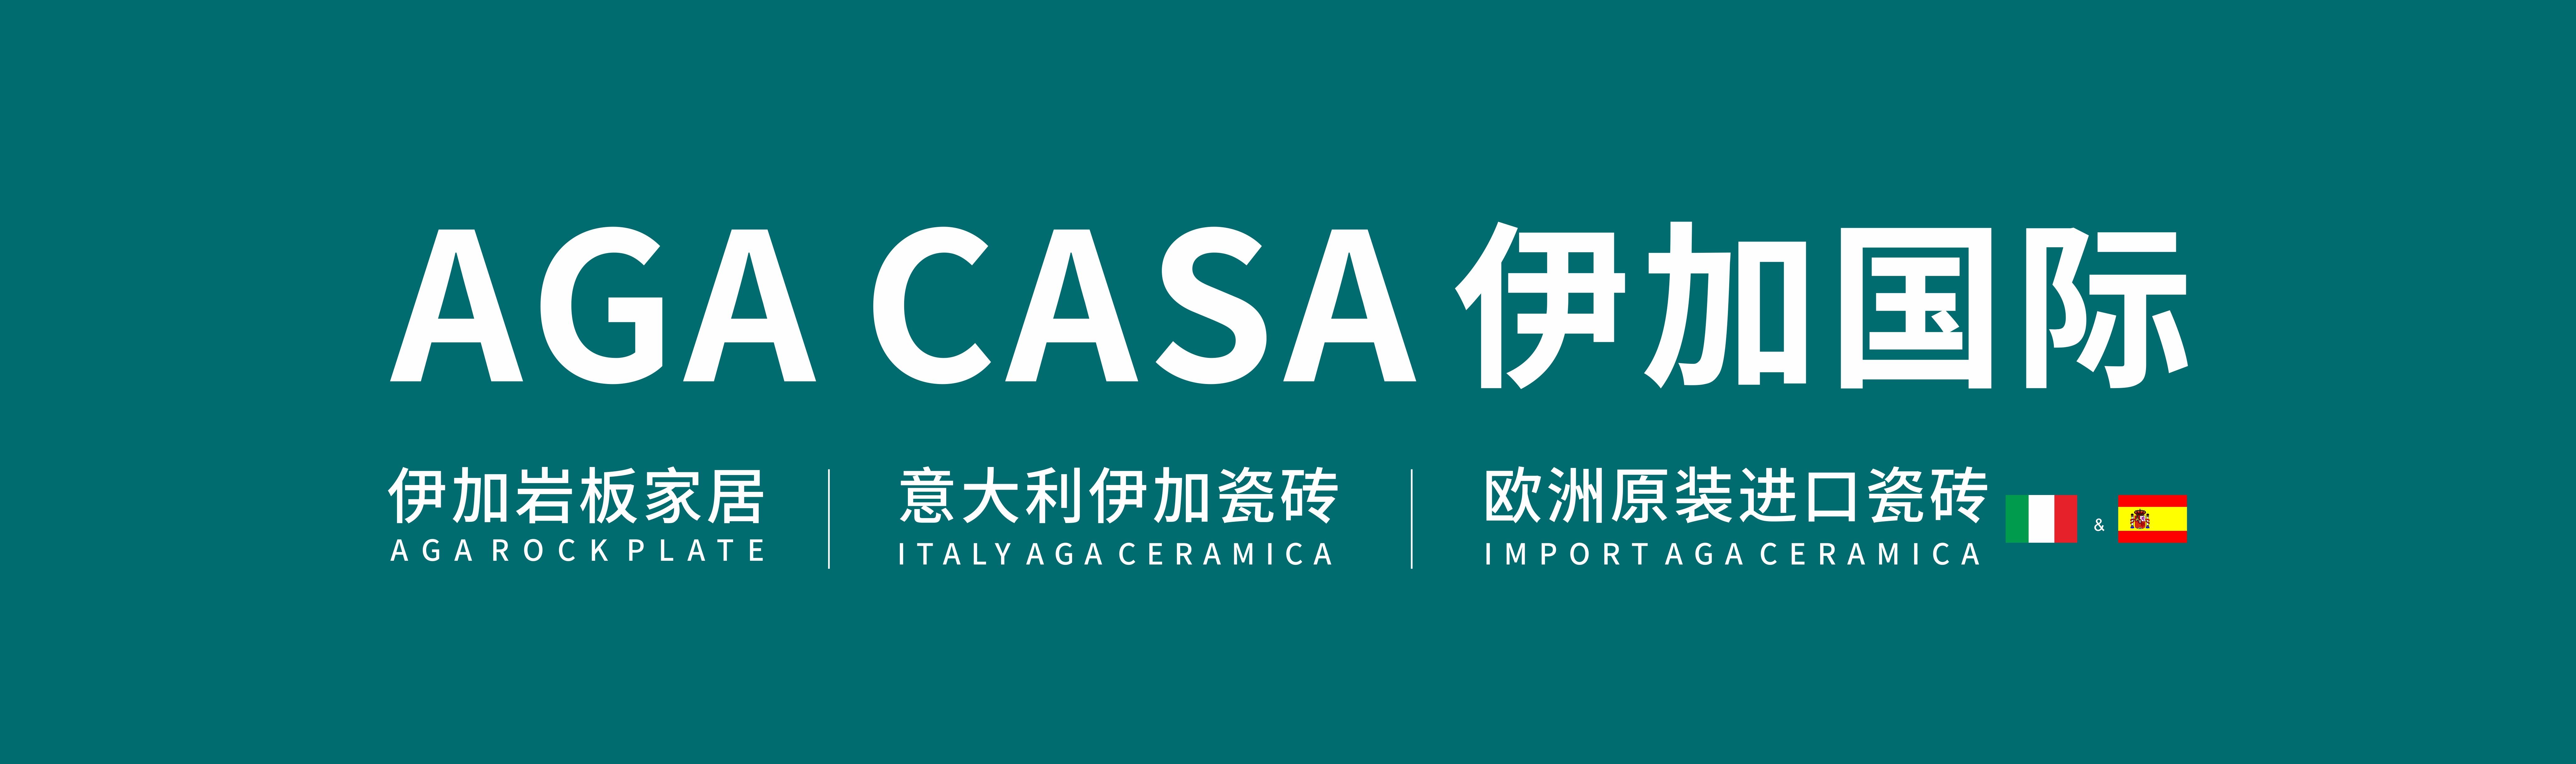 伊加国际瓷砖